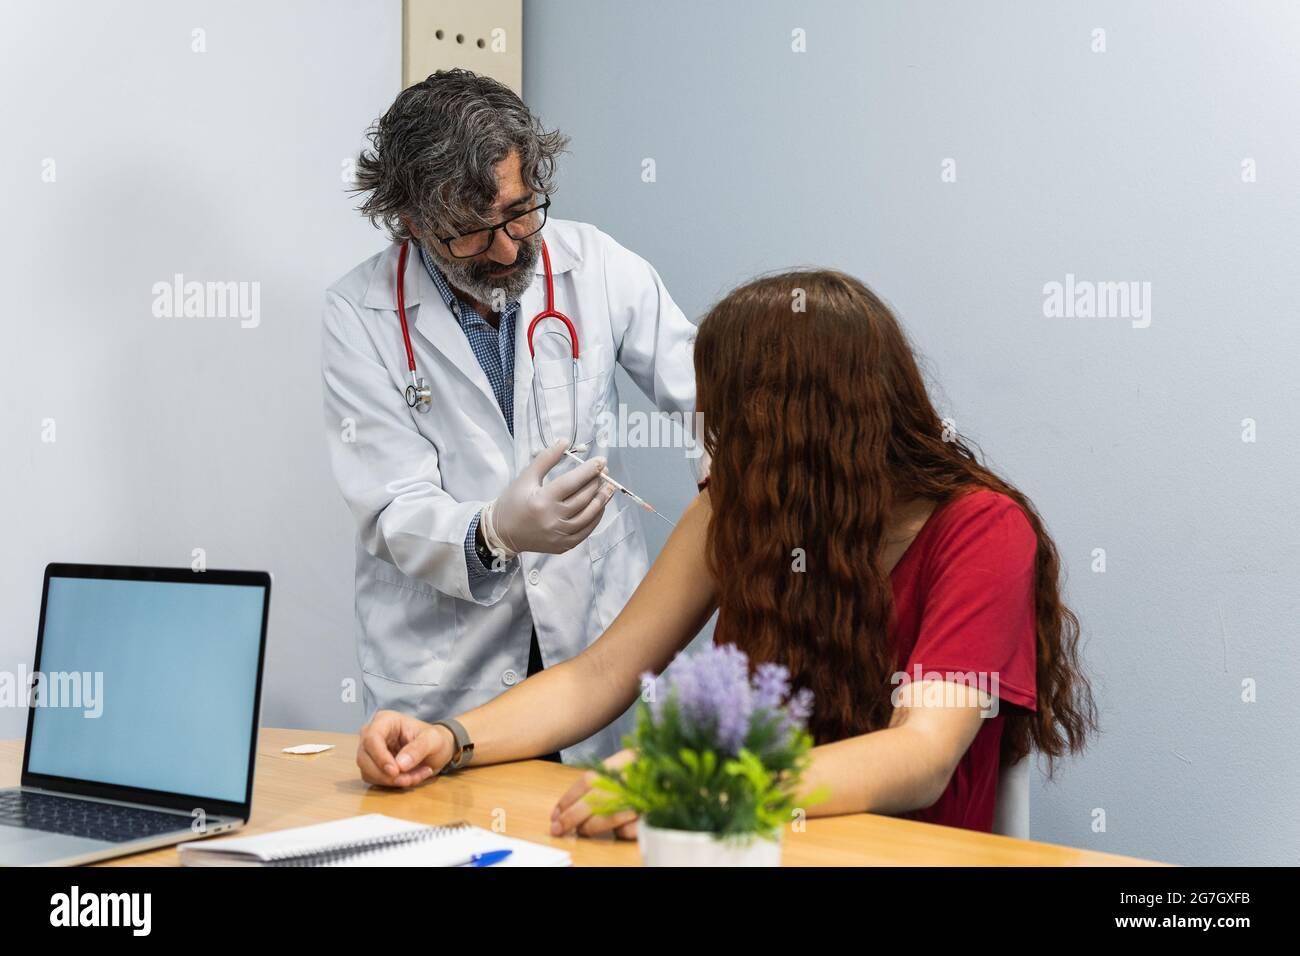 Homme âgé ayant fait une injection sur le bras de la patiente dans la salle médicale de l'hôpital Banque D'Images